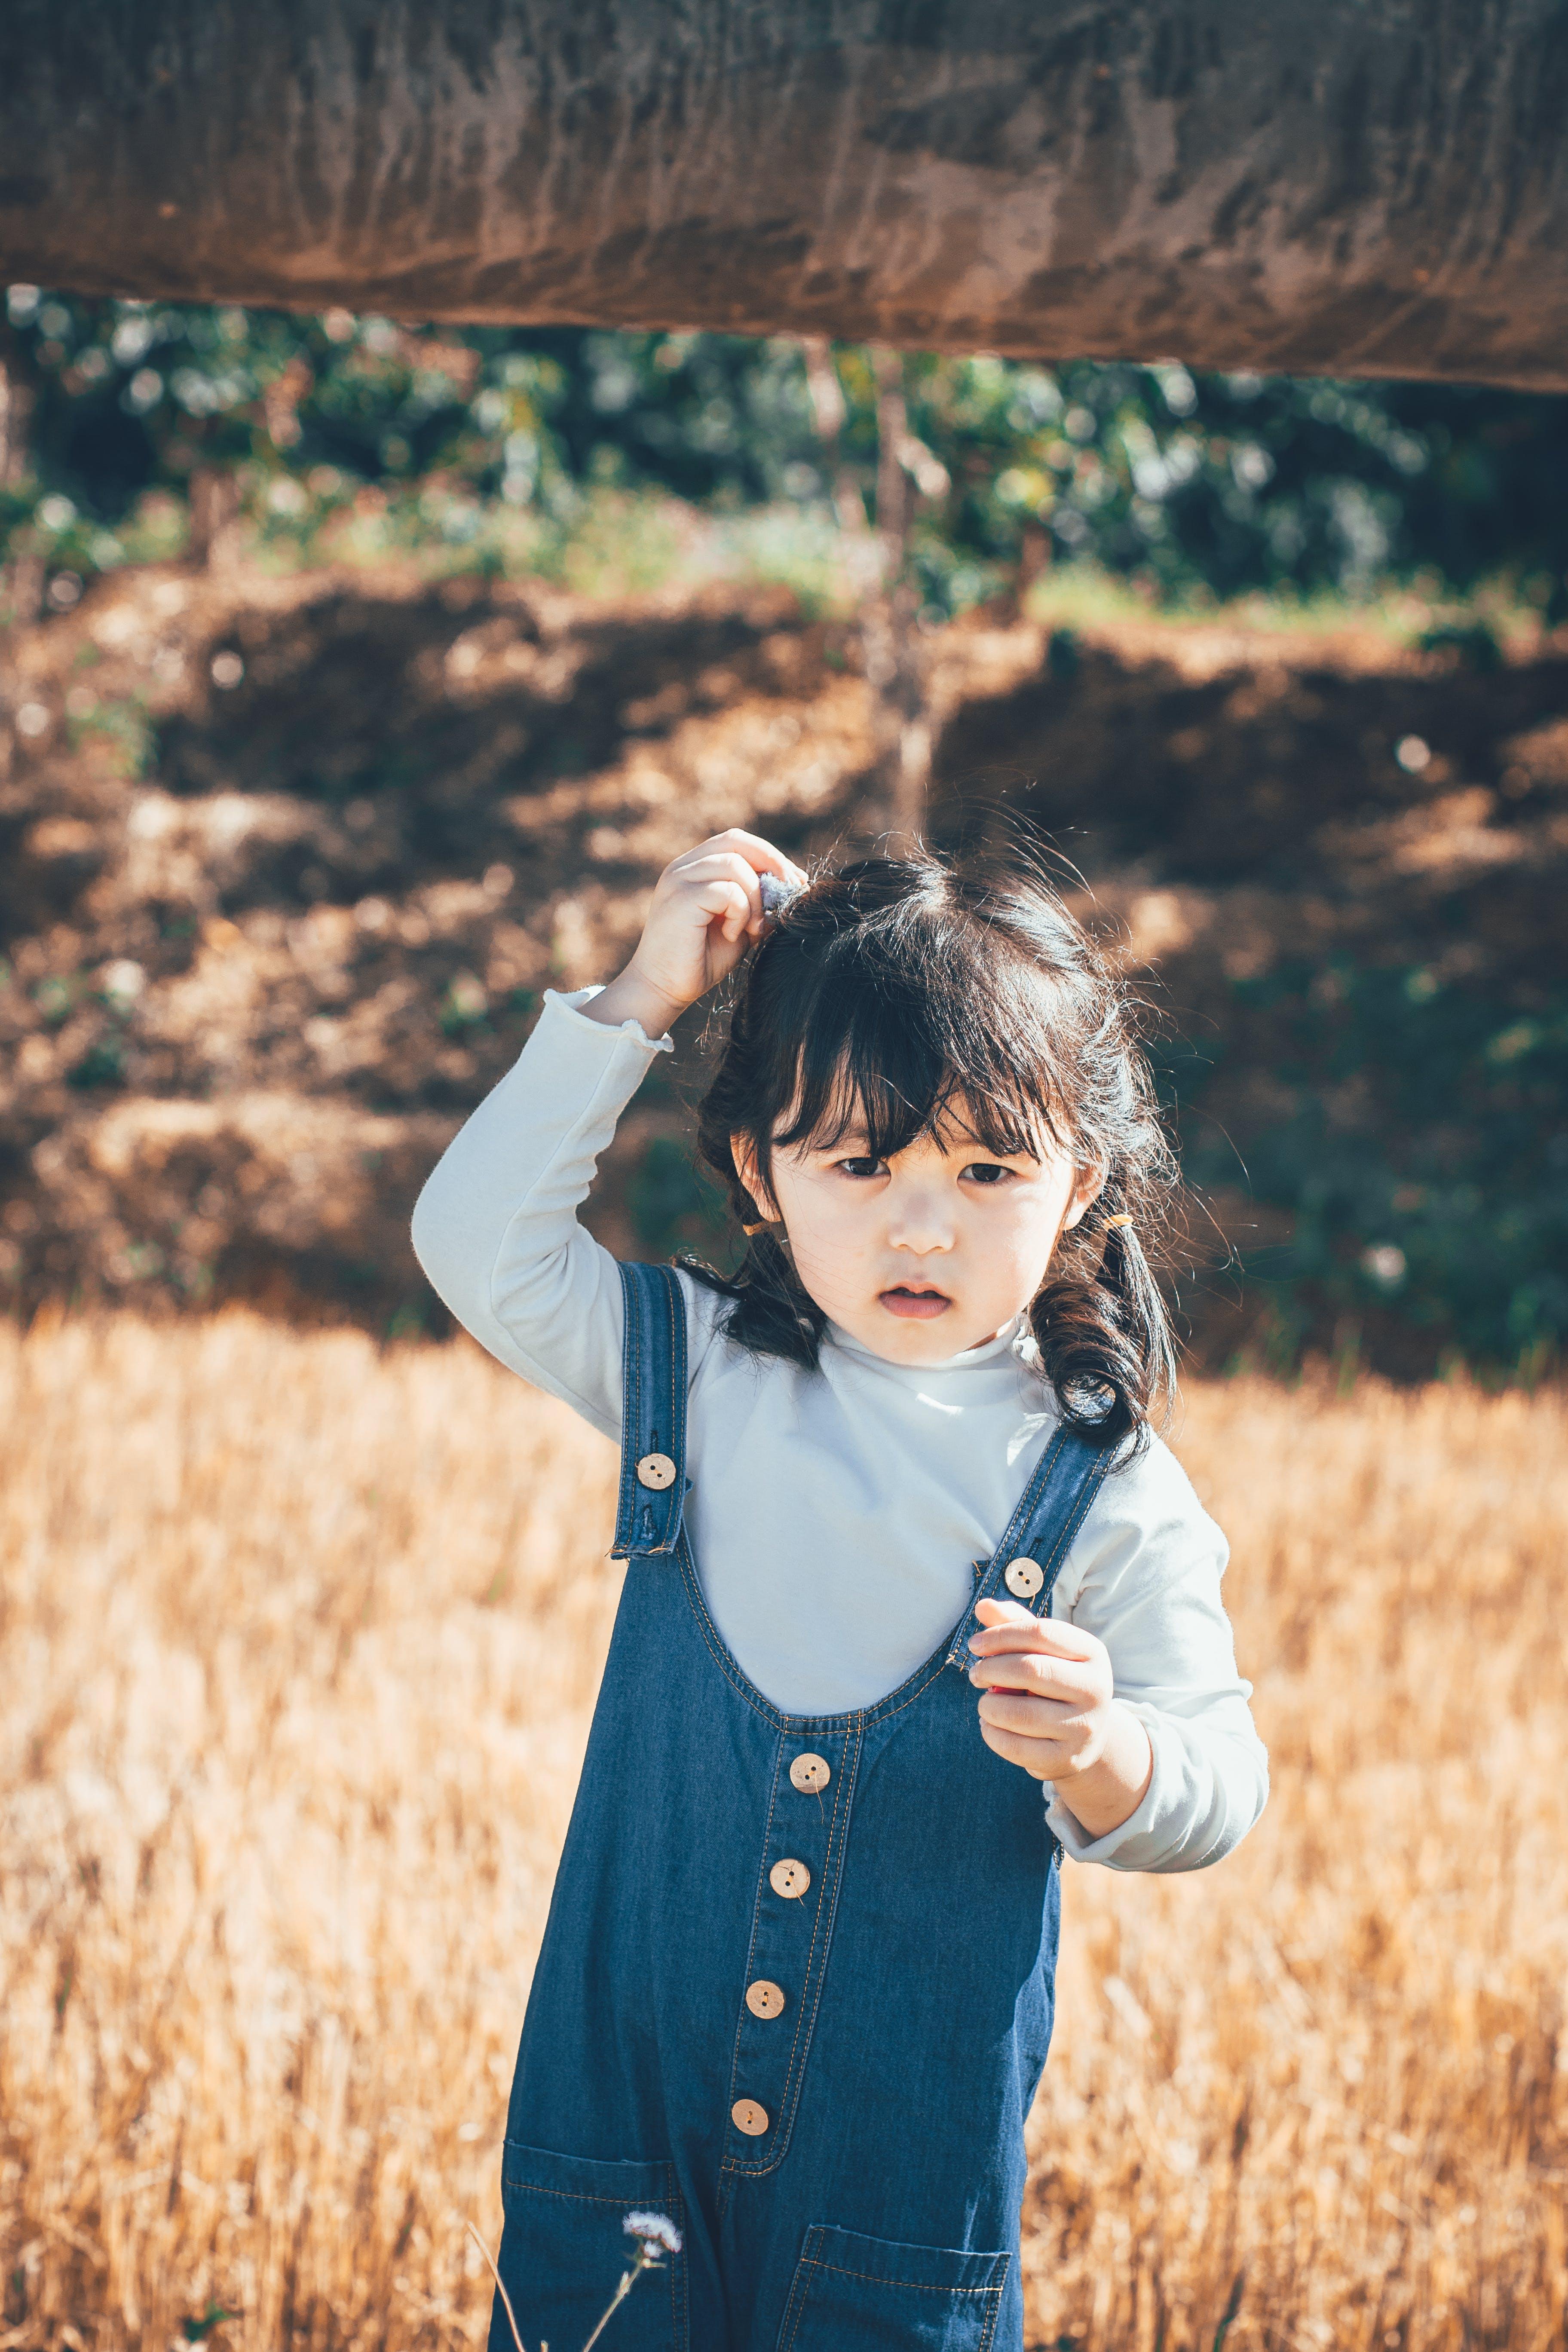 Kostenloses Stock Foto zu asiatisches kind, feld, freude, gras